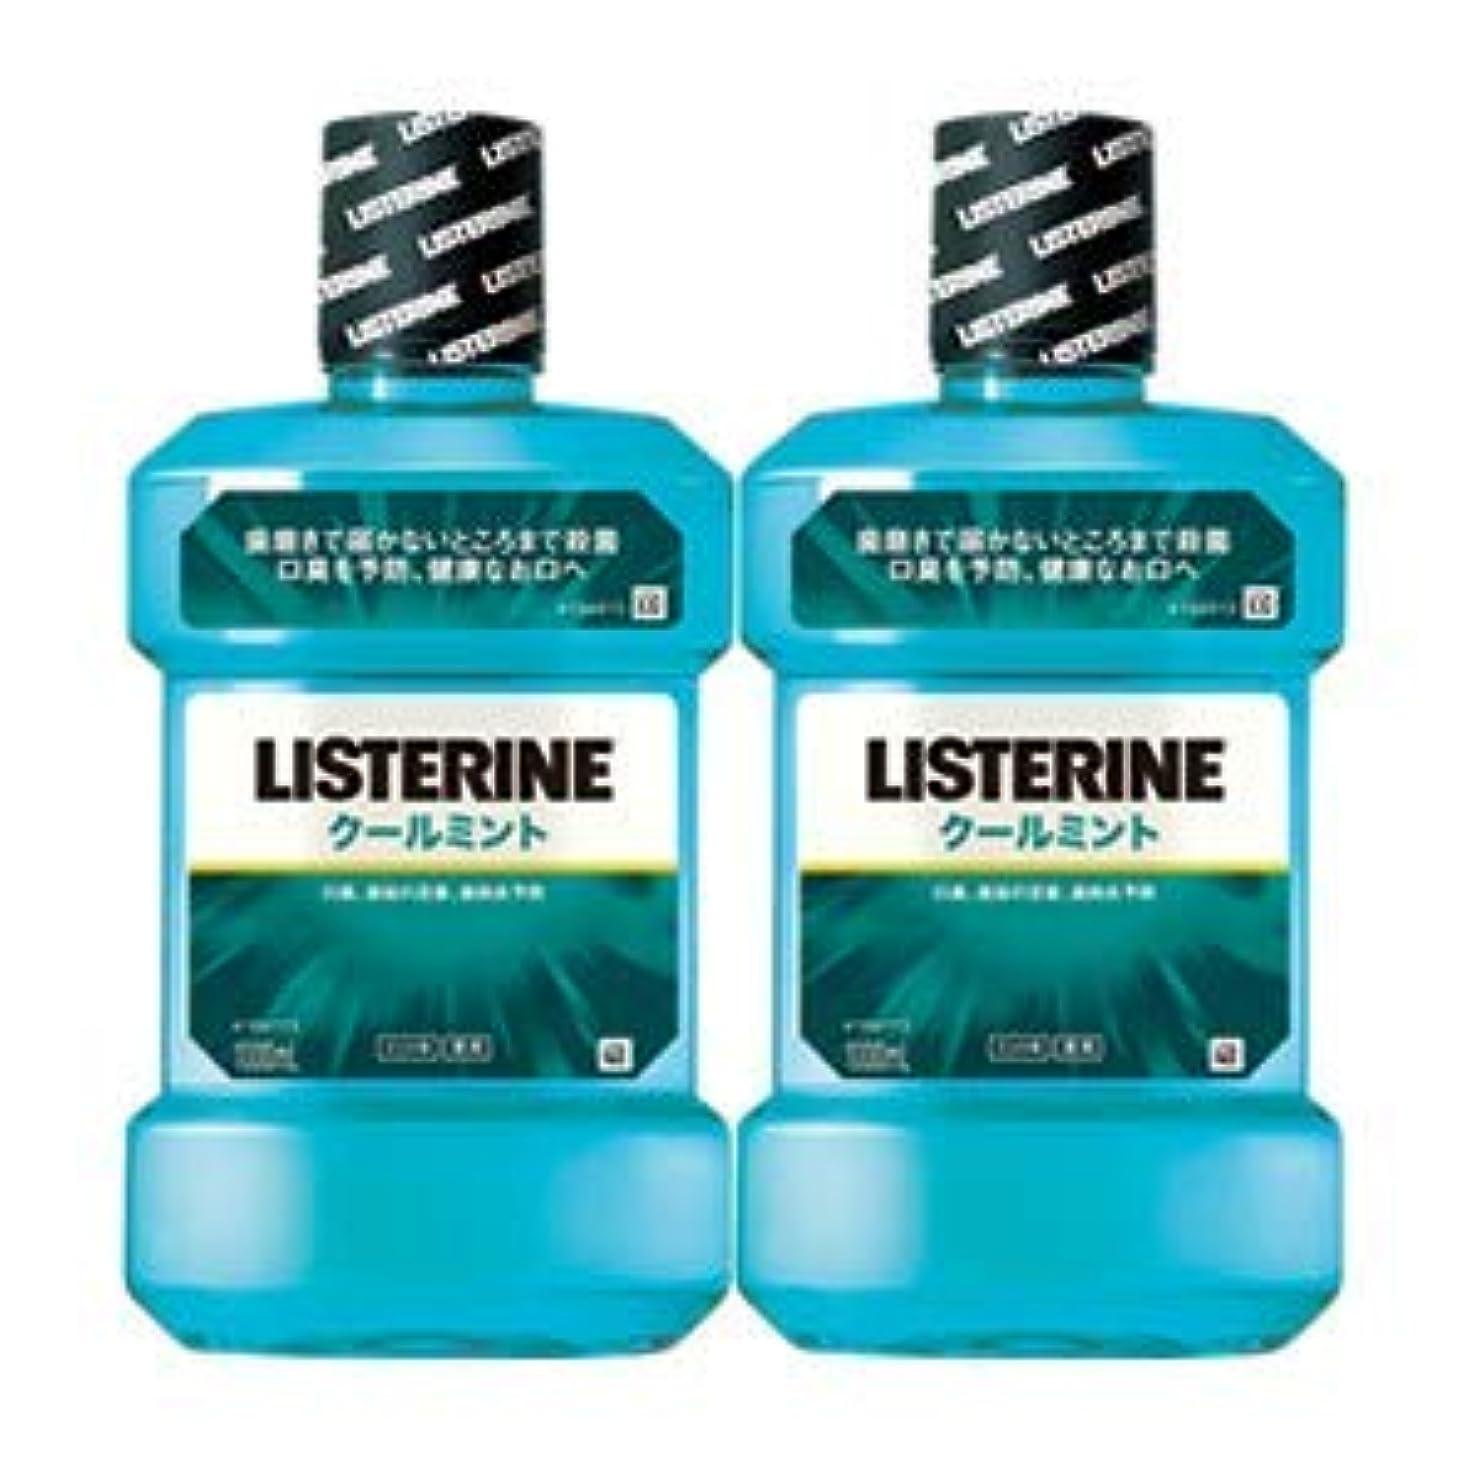 ネスト担保仮称薬用リステリン クールミント (マウスウォッシュ/洗口液) 1000mL×2本セット